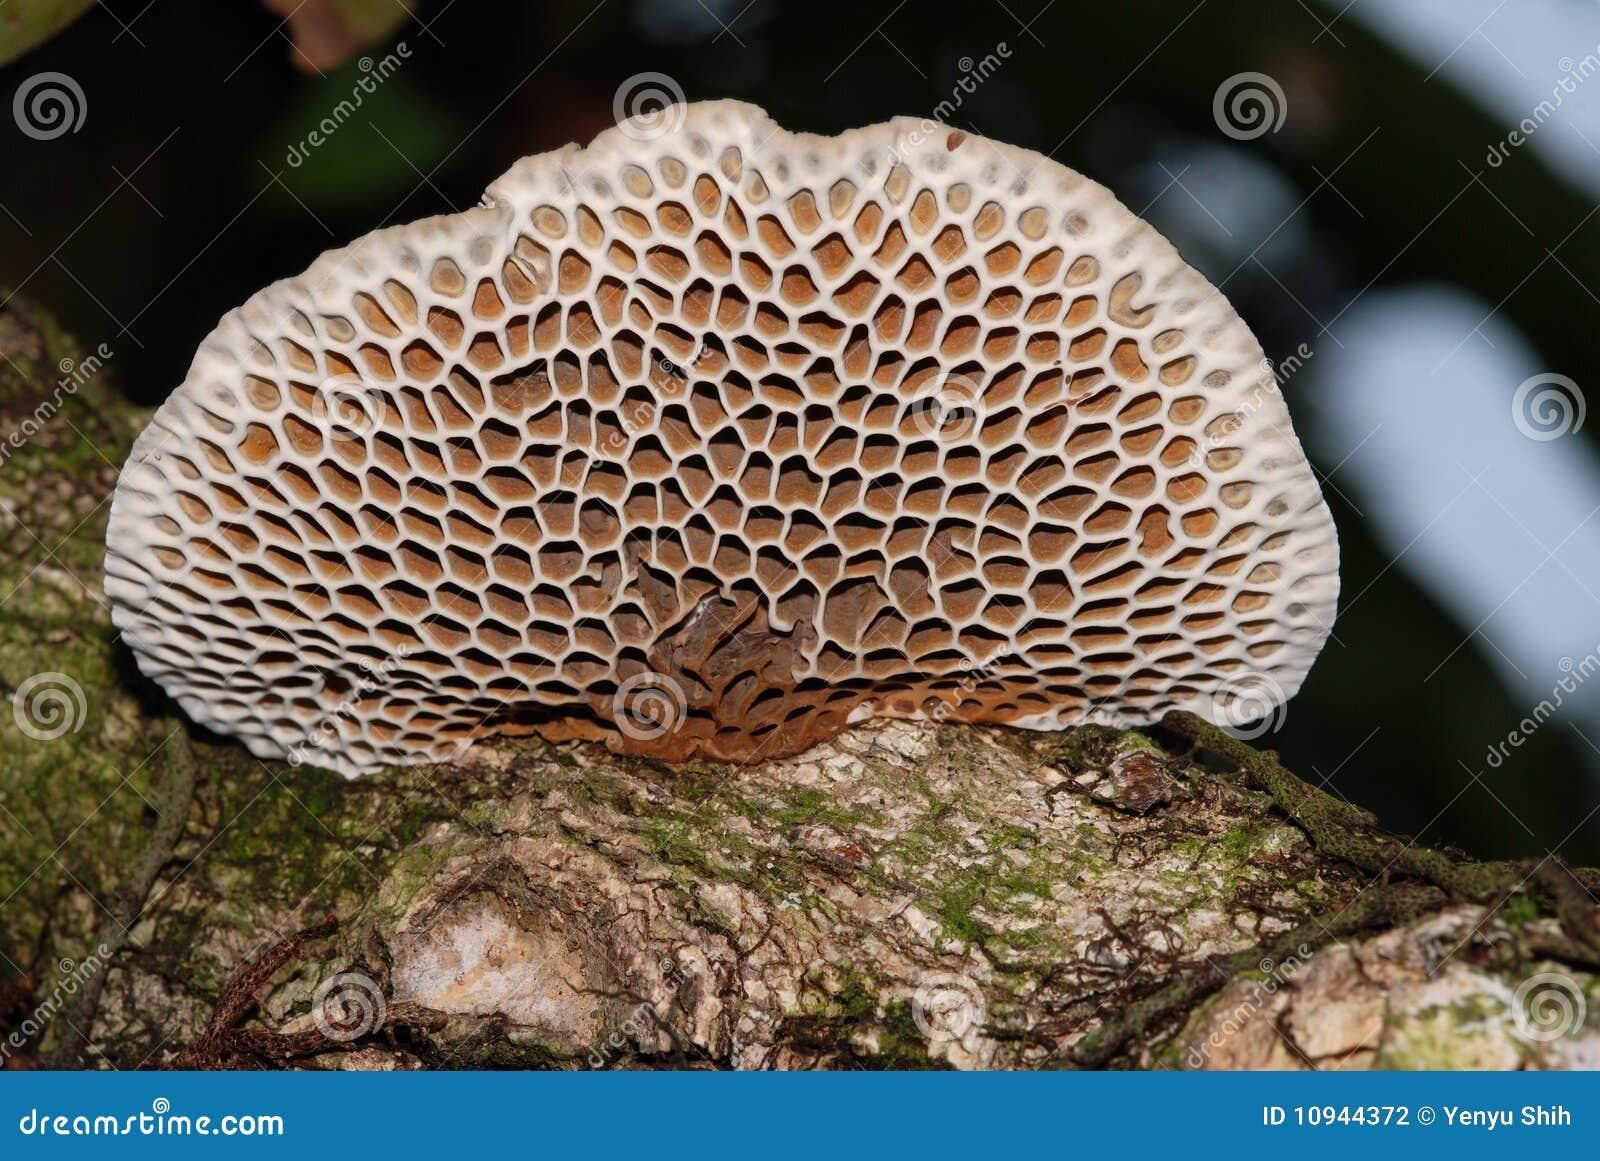 сотообразный гриб